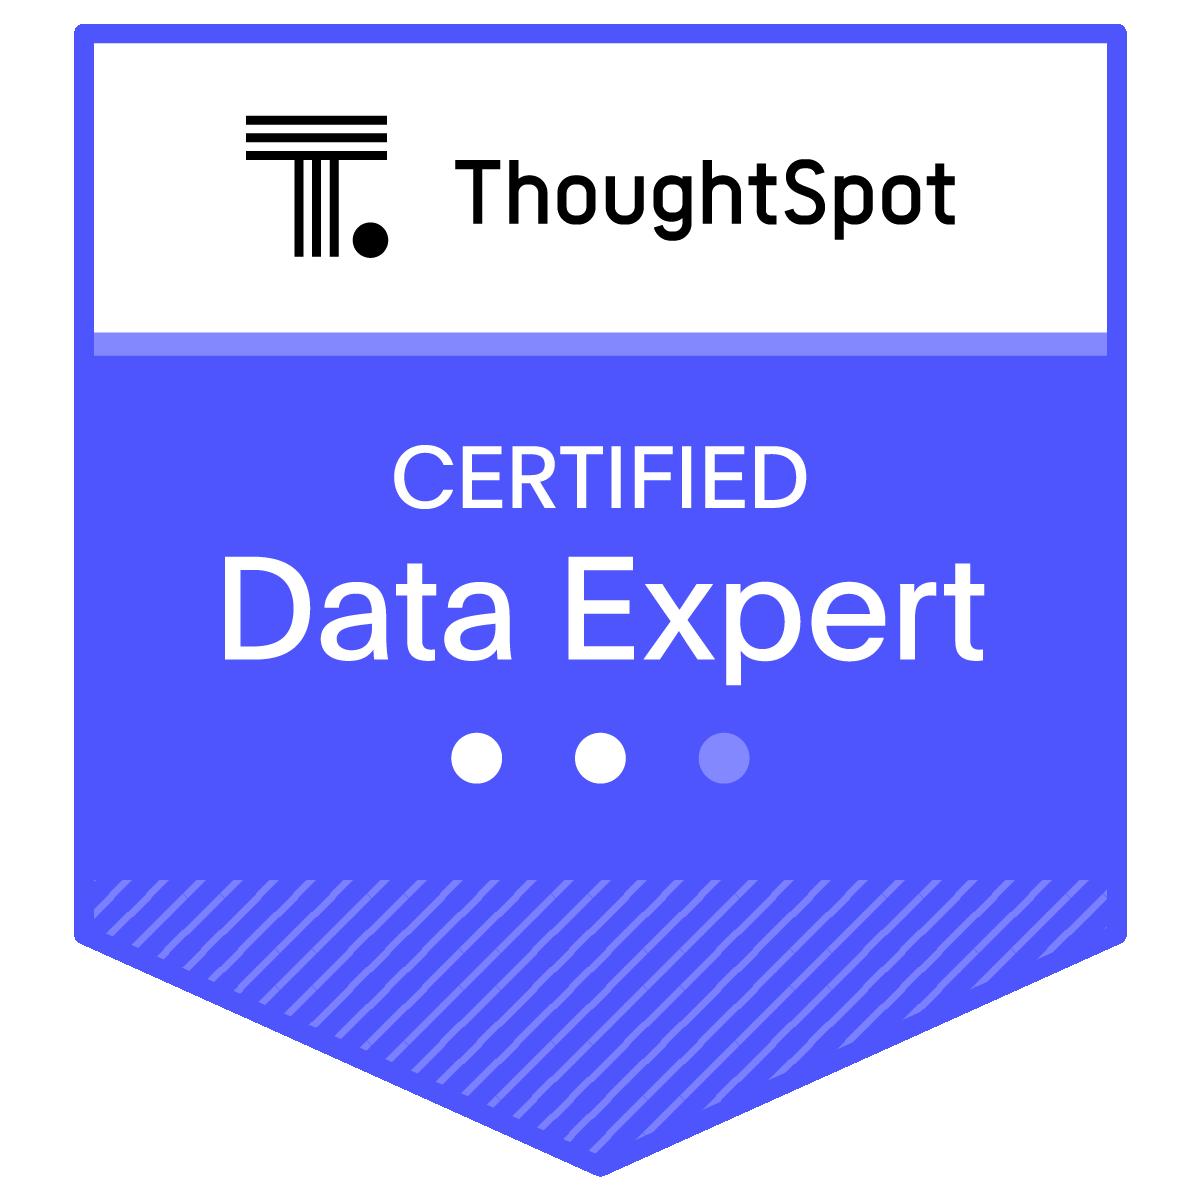 Certified ThoughtSpot Data Expert